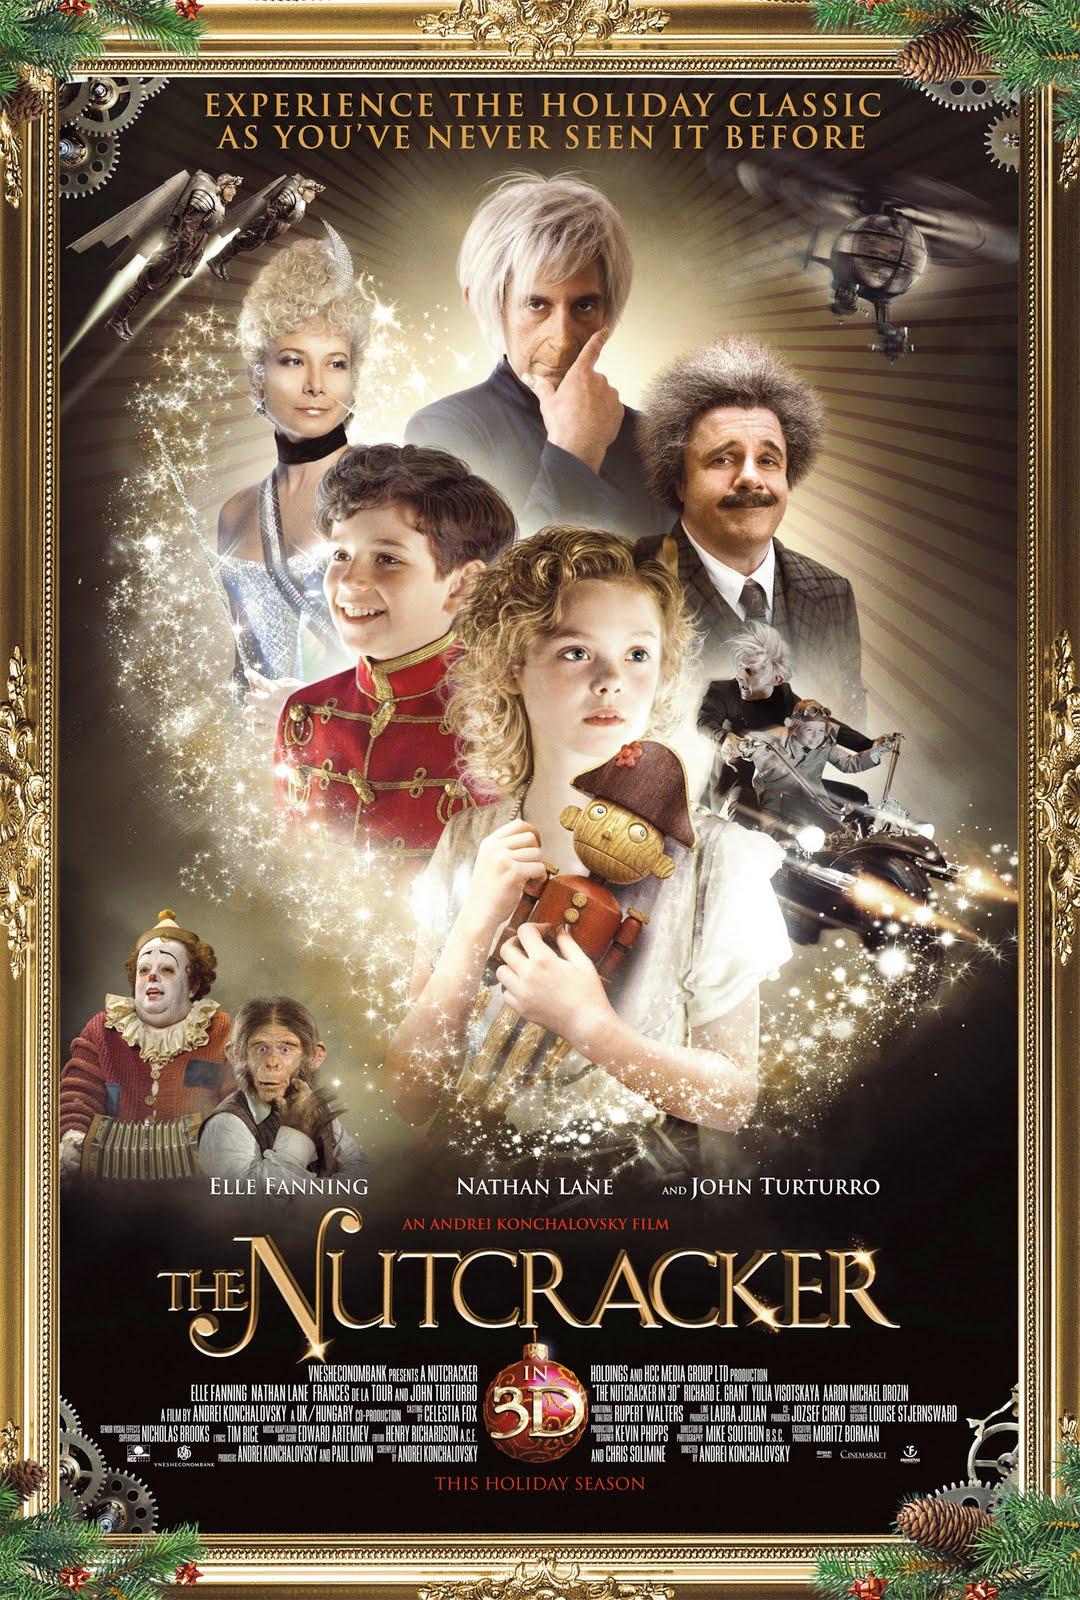 The Nutcracker 2010